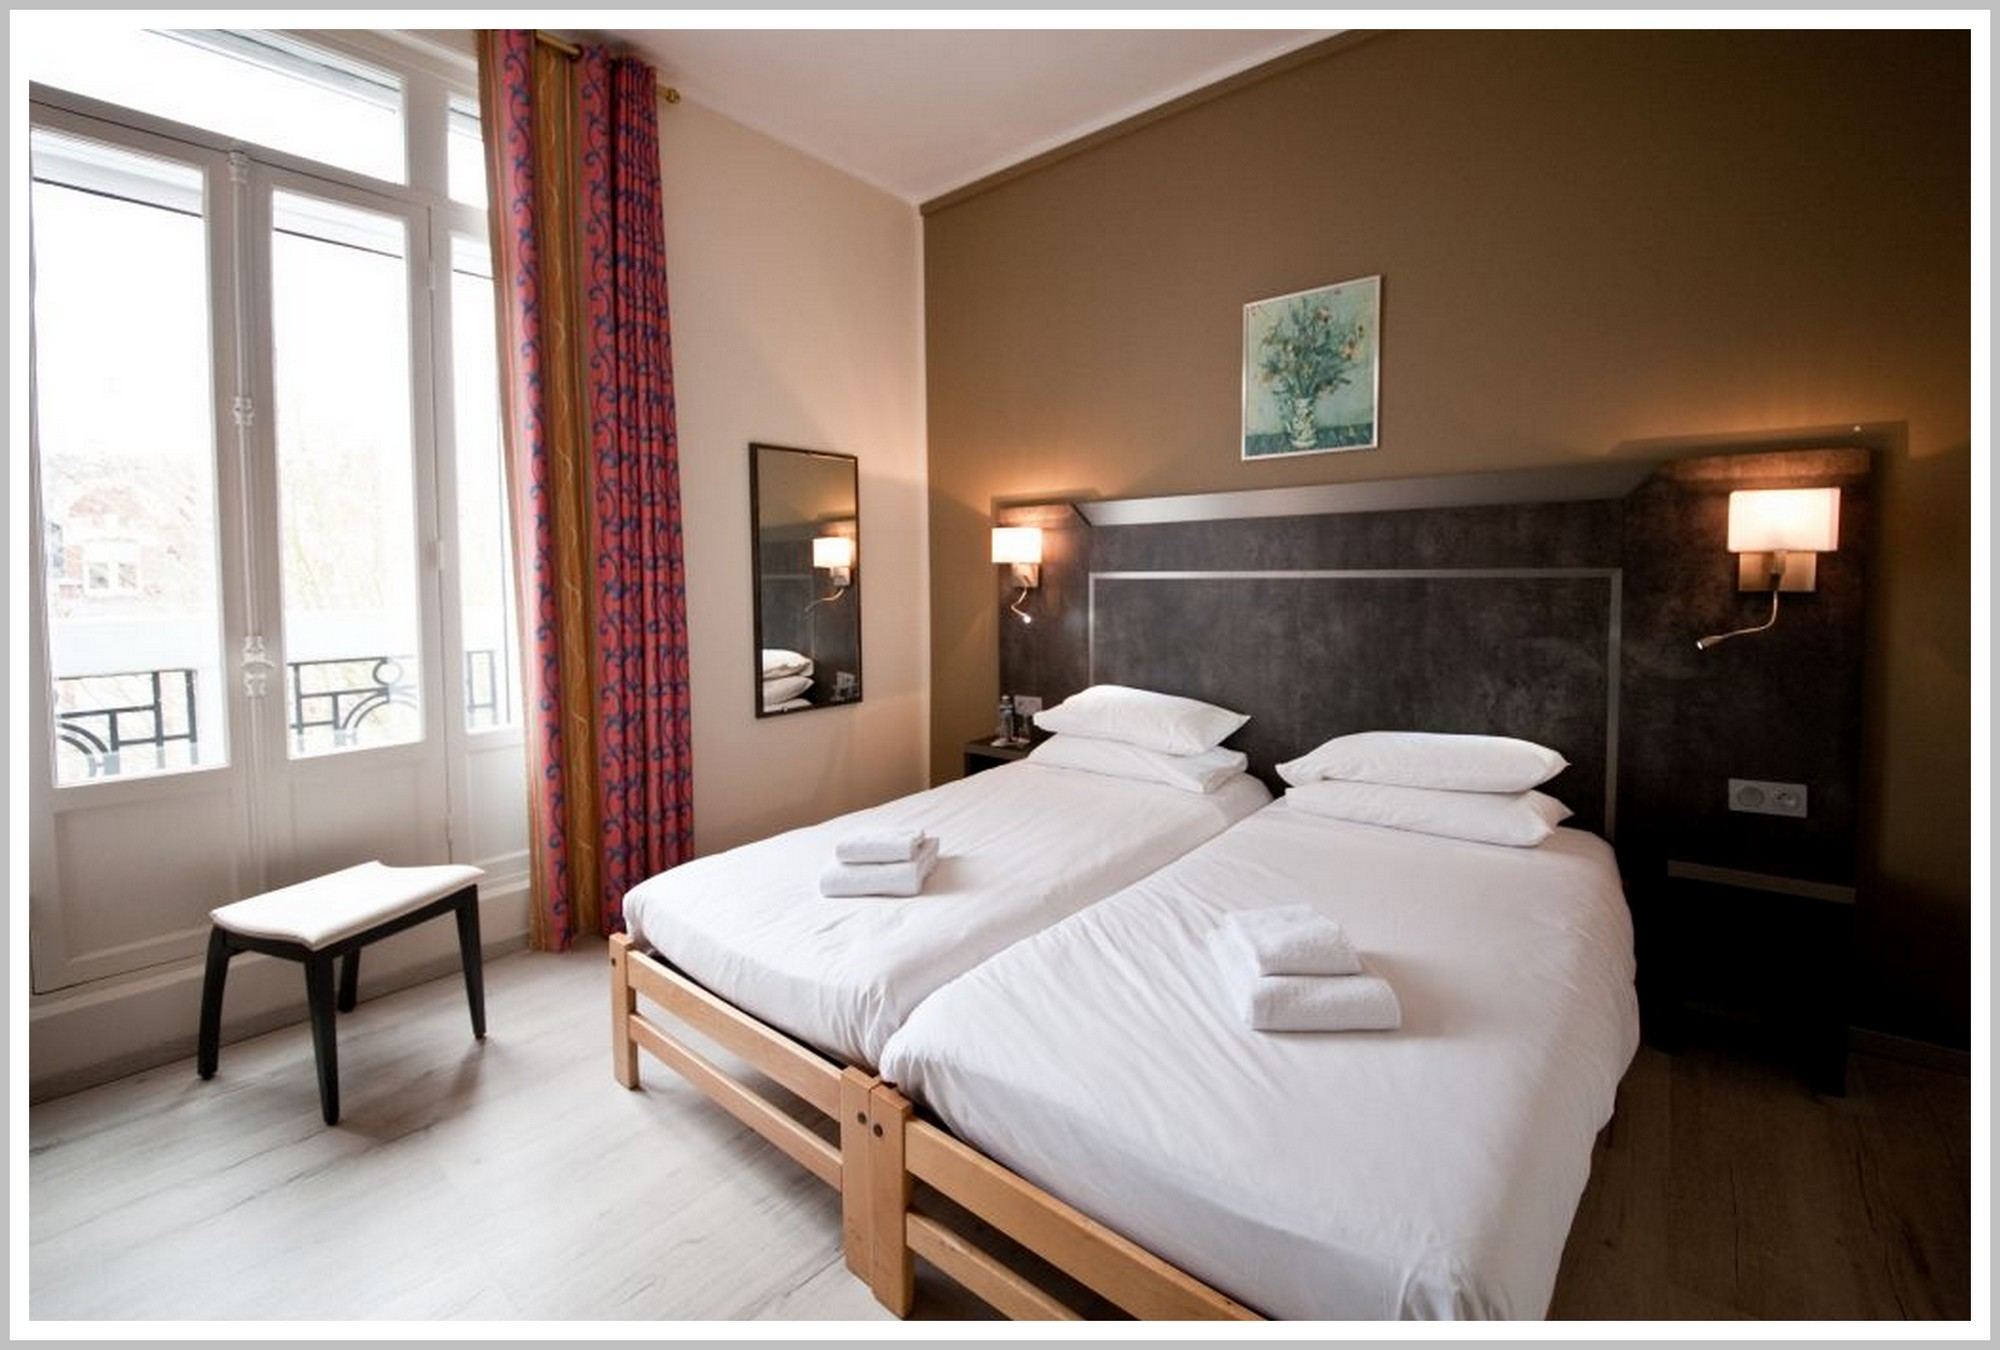 chambre twin Arras